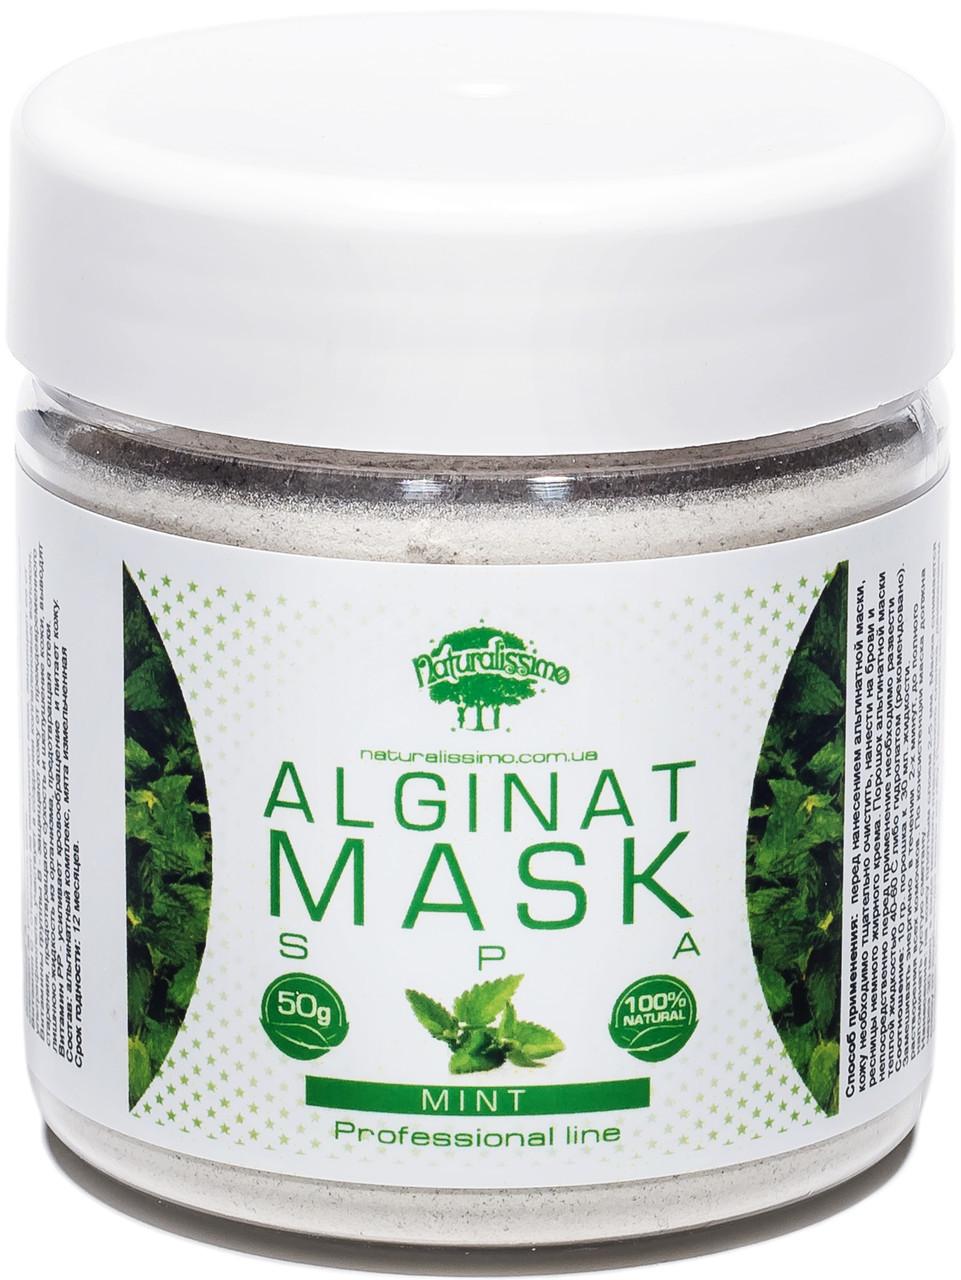 Альгинатная маска Naturalissimo с мятой 50г